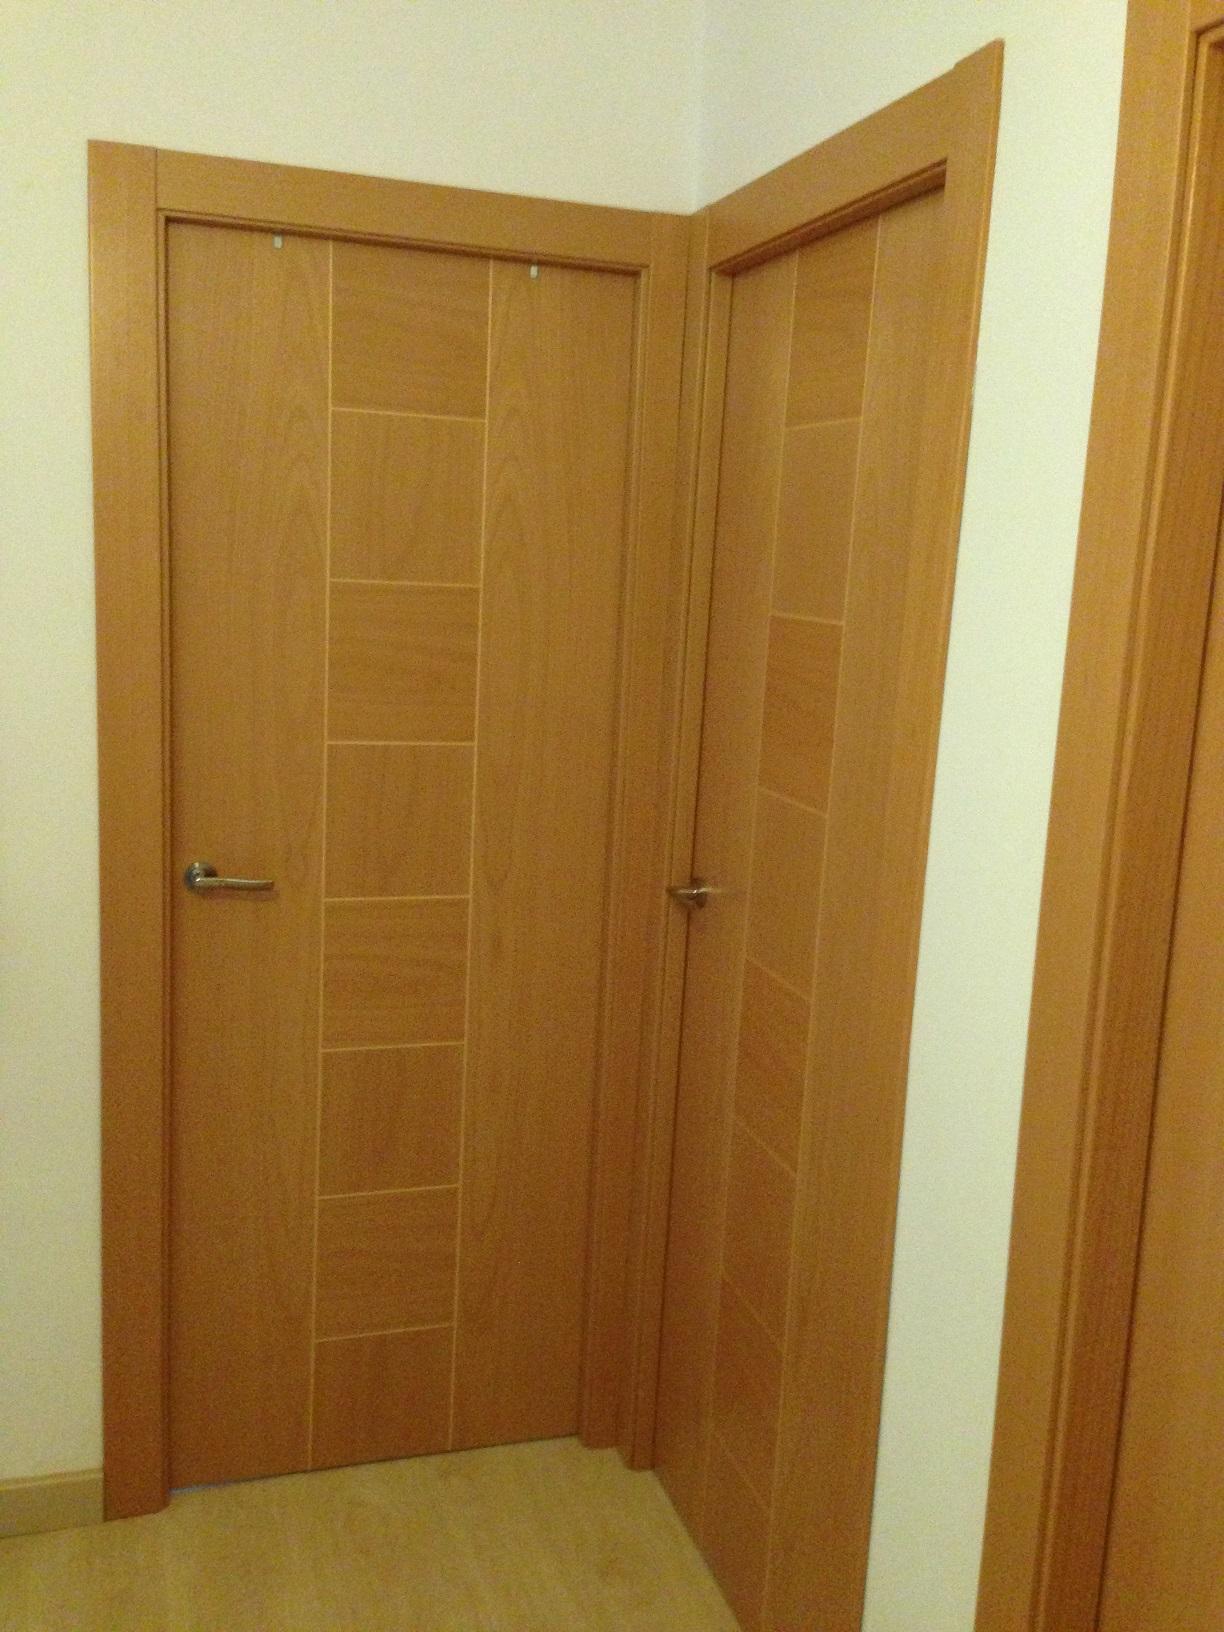 Trabajos realizados puertas de paso interior de madera for Puertas de paso baratas